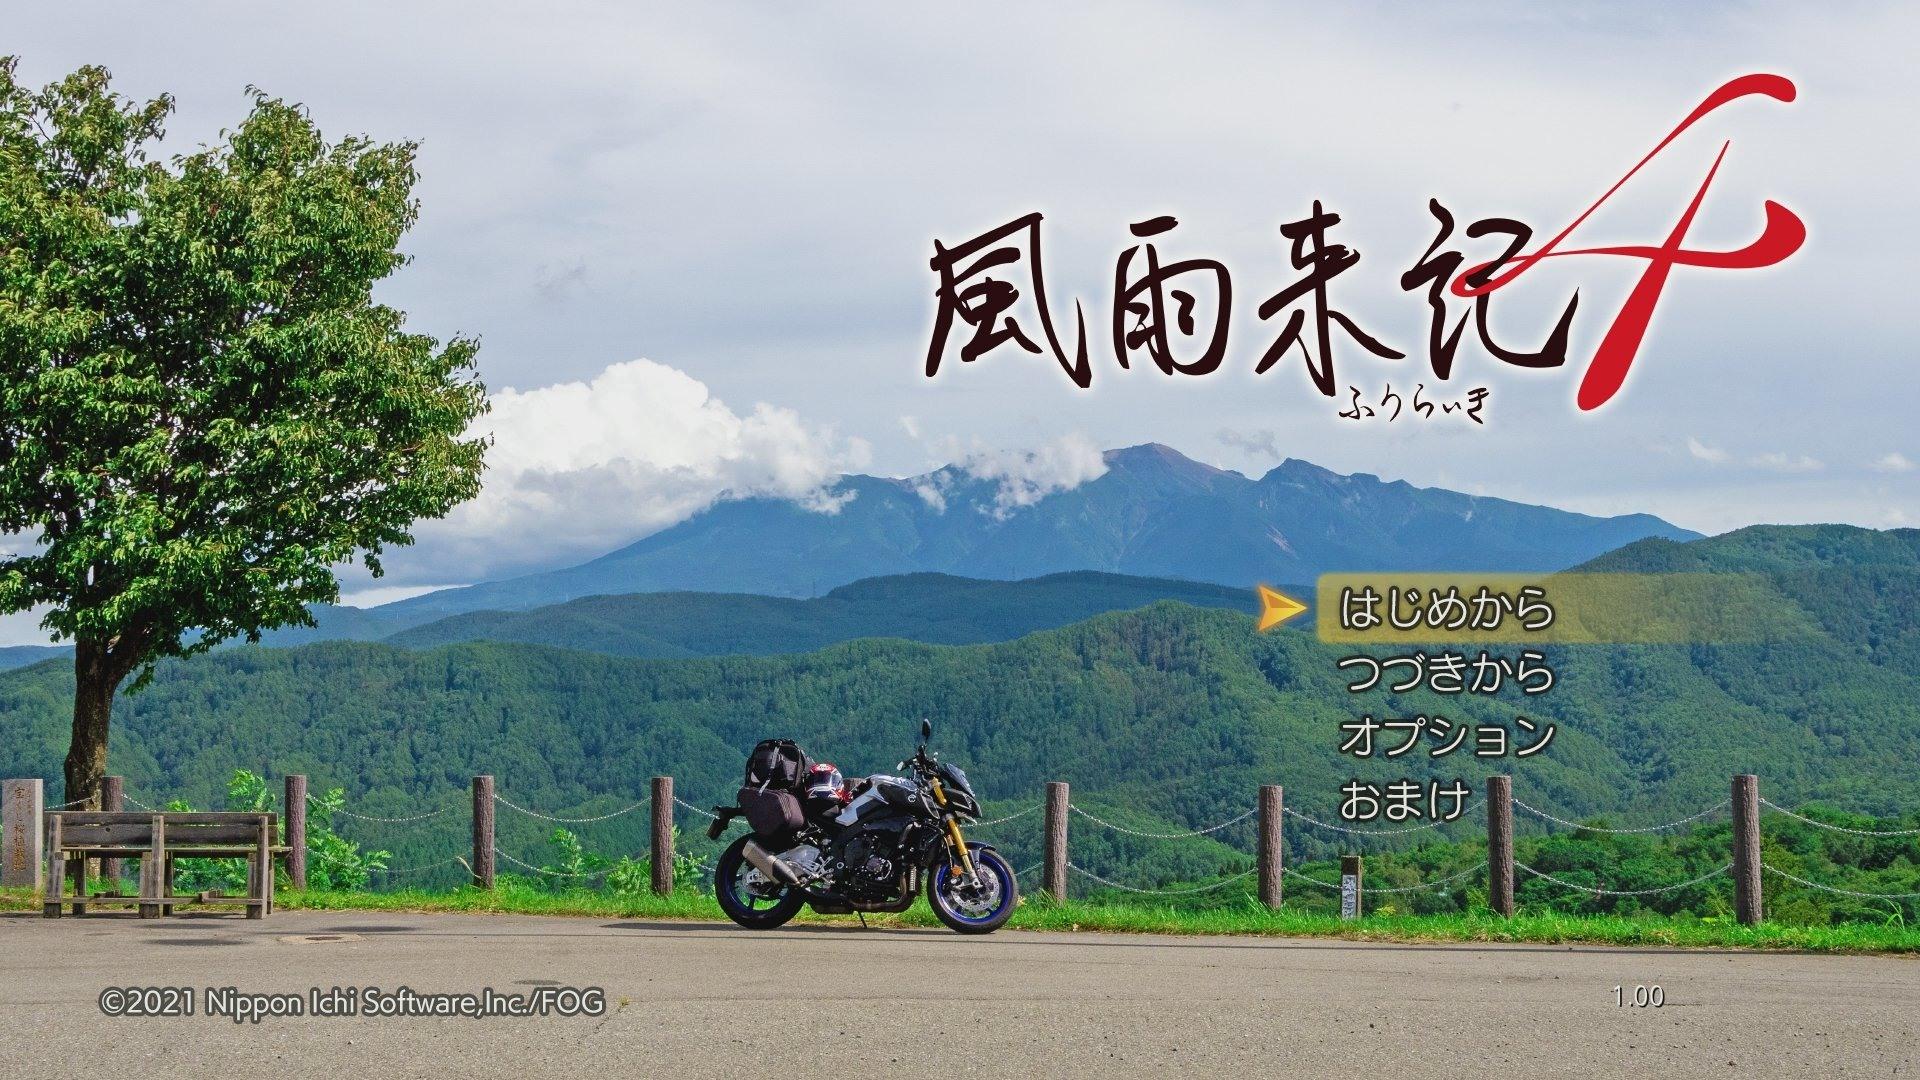 《风雨来记4》公布DLC内容 增加岐阜县周边地区